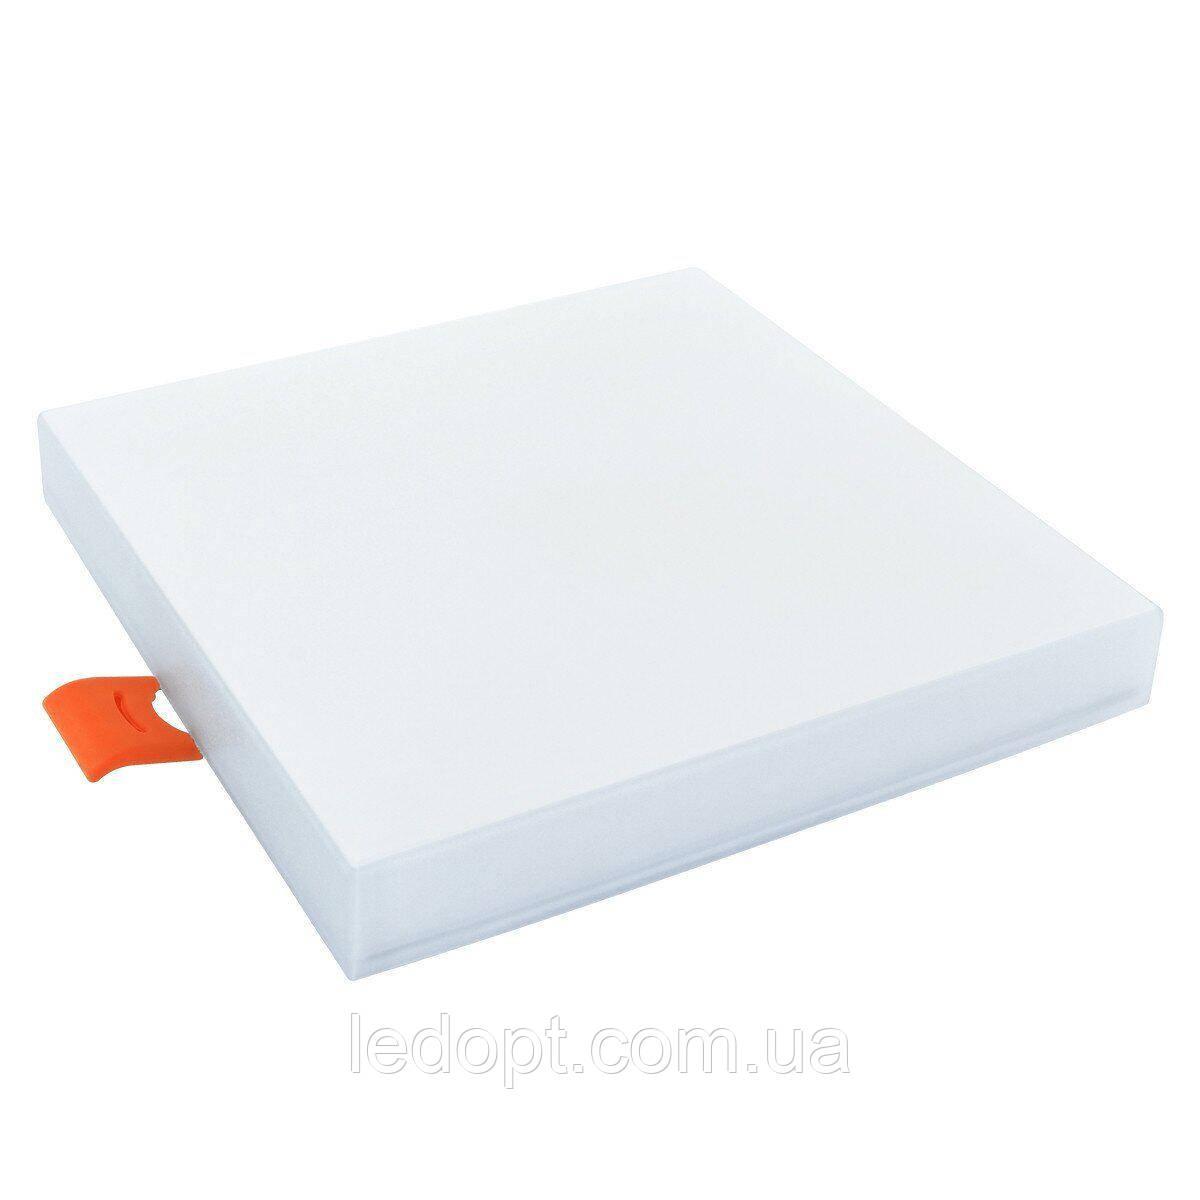 Світильник світлодіодний Biom UNI-S12W-5 12Вт квадрат 5000К